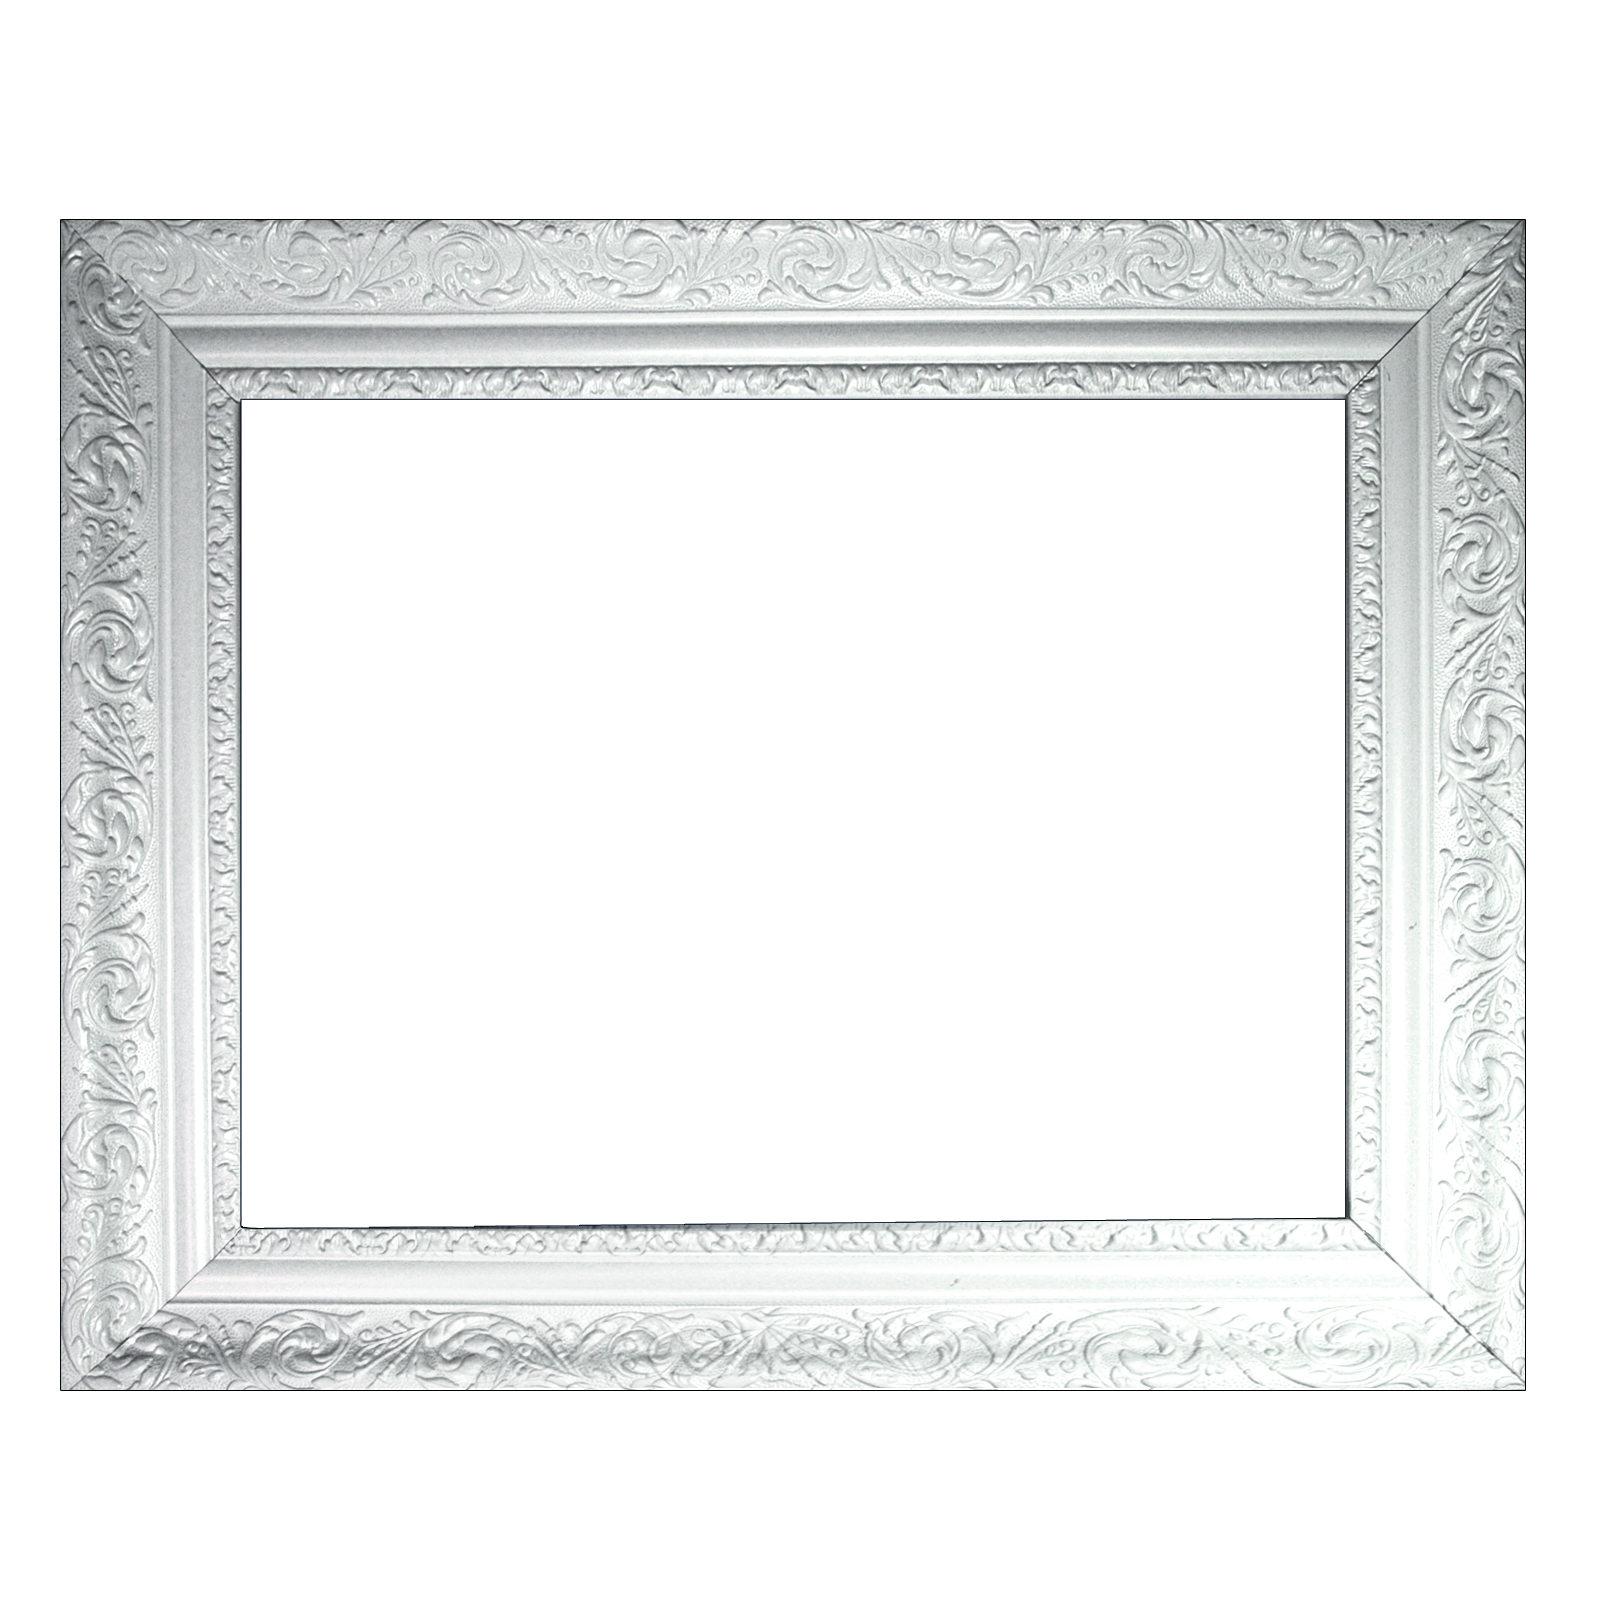 cadre baroque blanc finement d cor es 466 lfi diff rentes variantes ebay. Black Bedroom Furniture Sets. Home Design Ideas